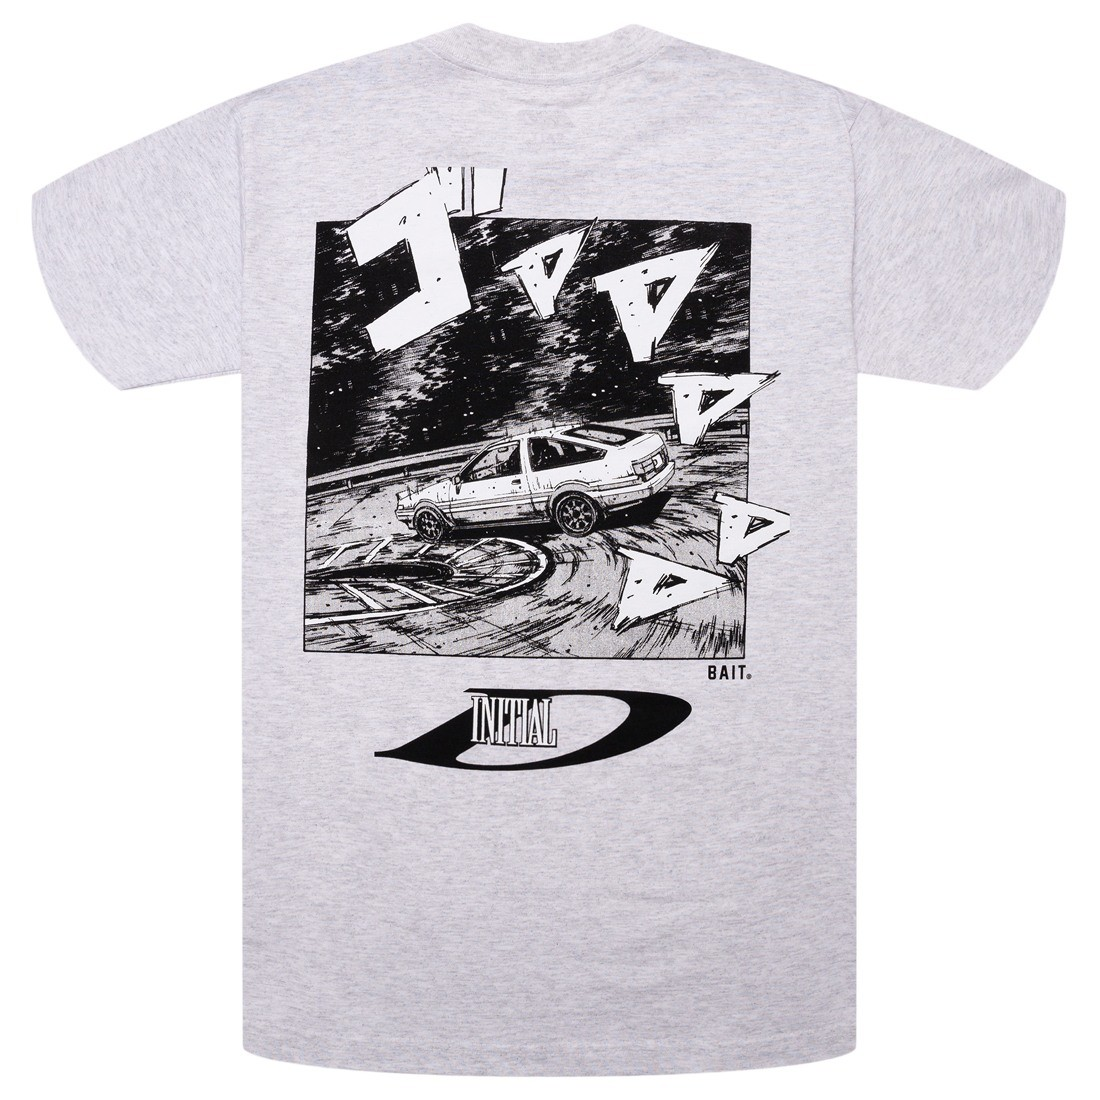 BAIT x Initial D Men Drift Design Tee (gray / silver)